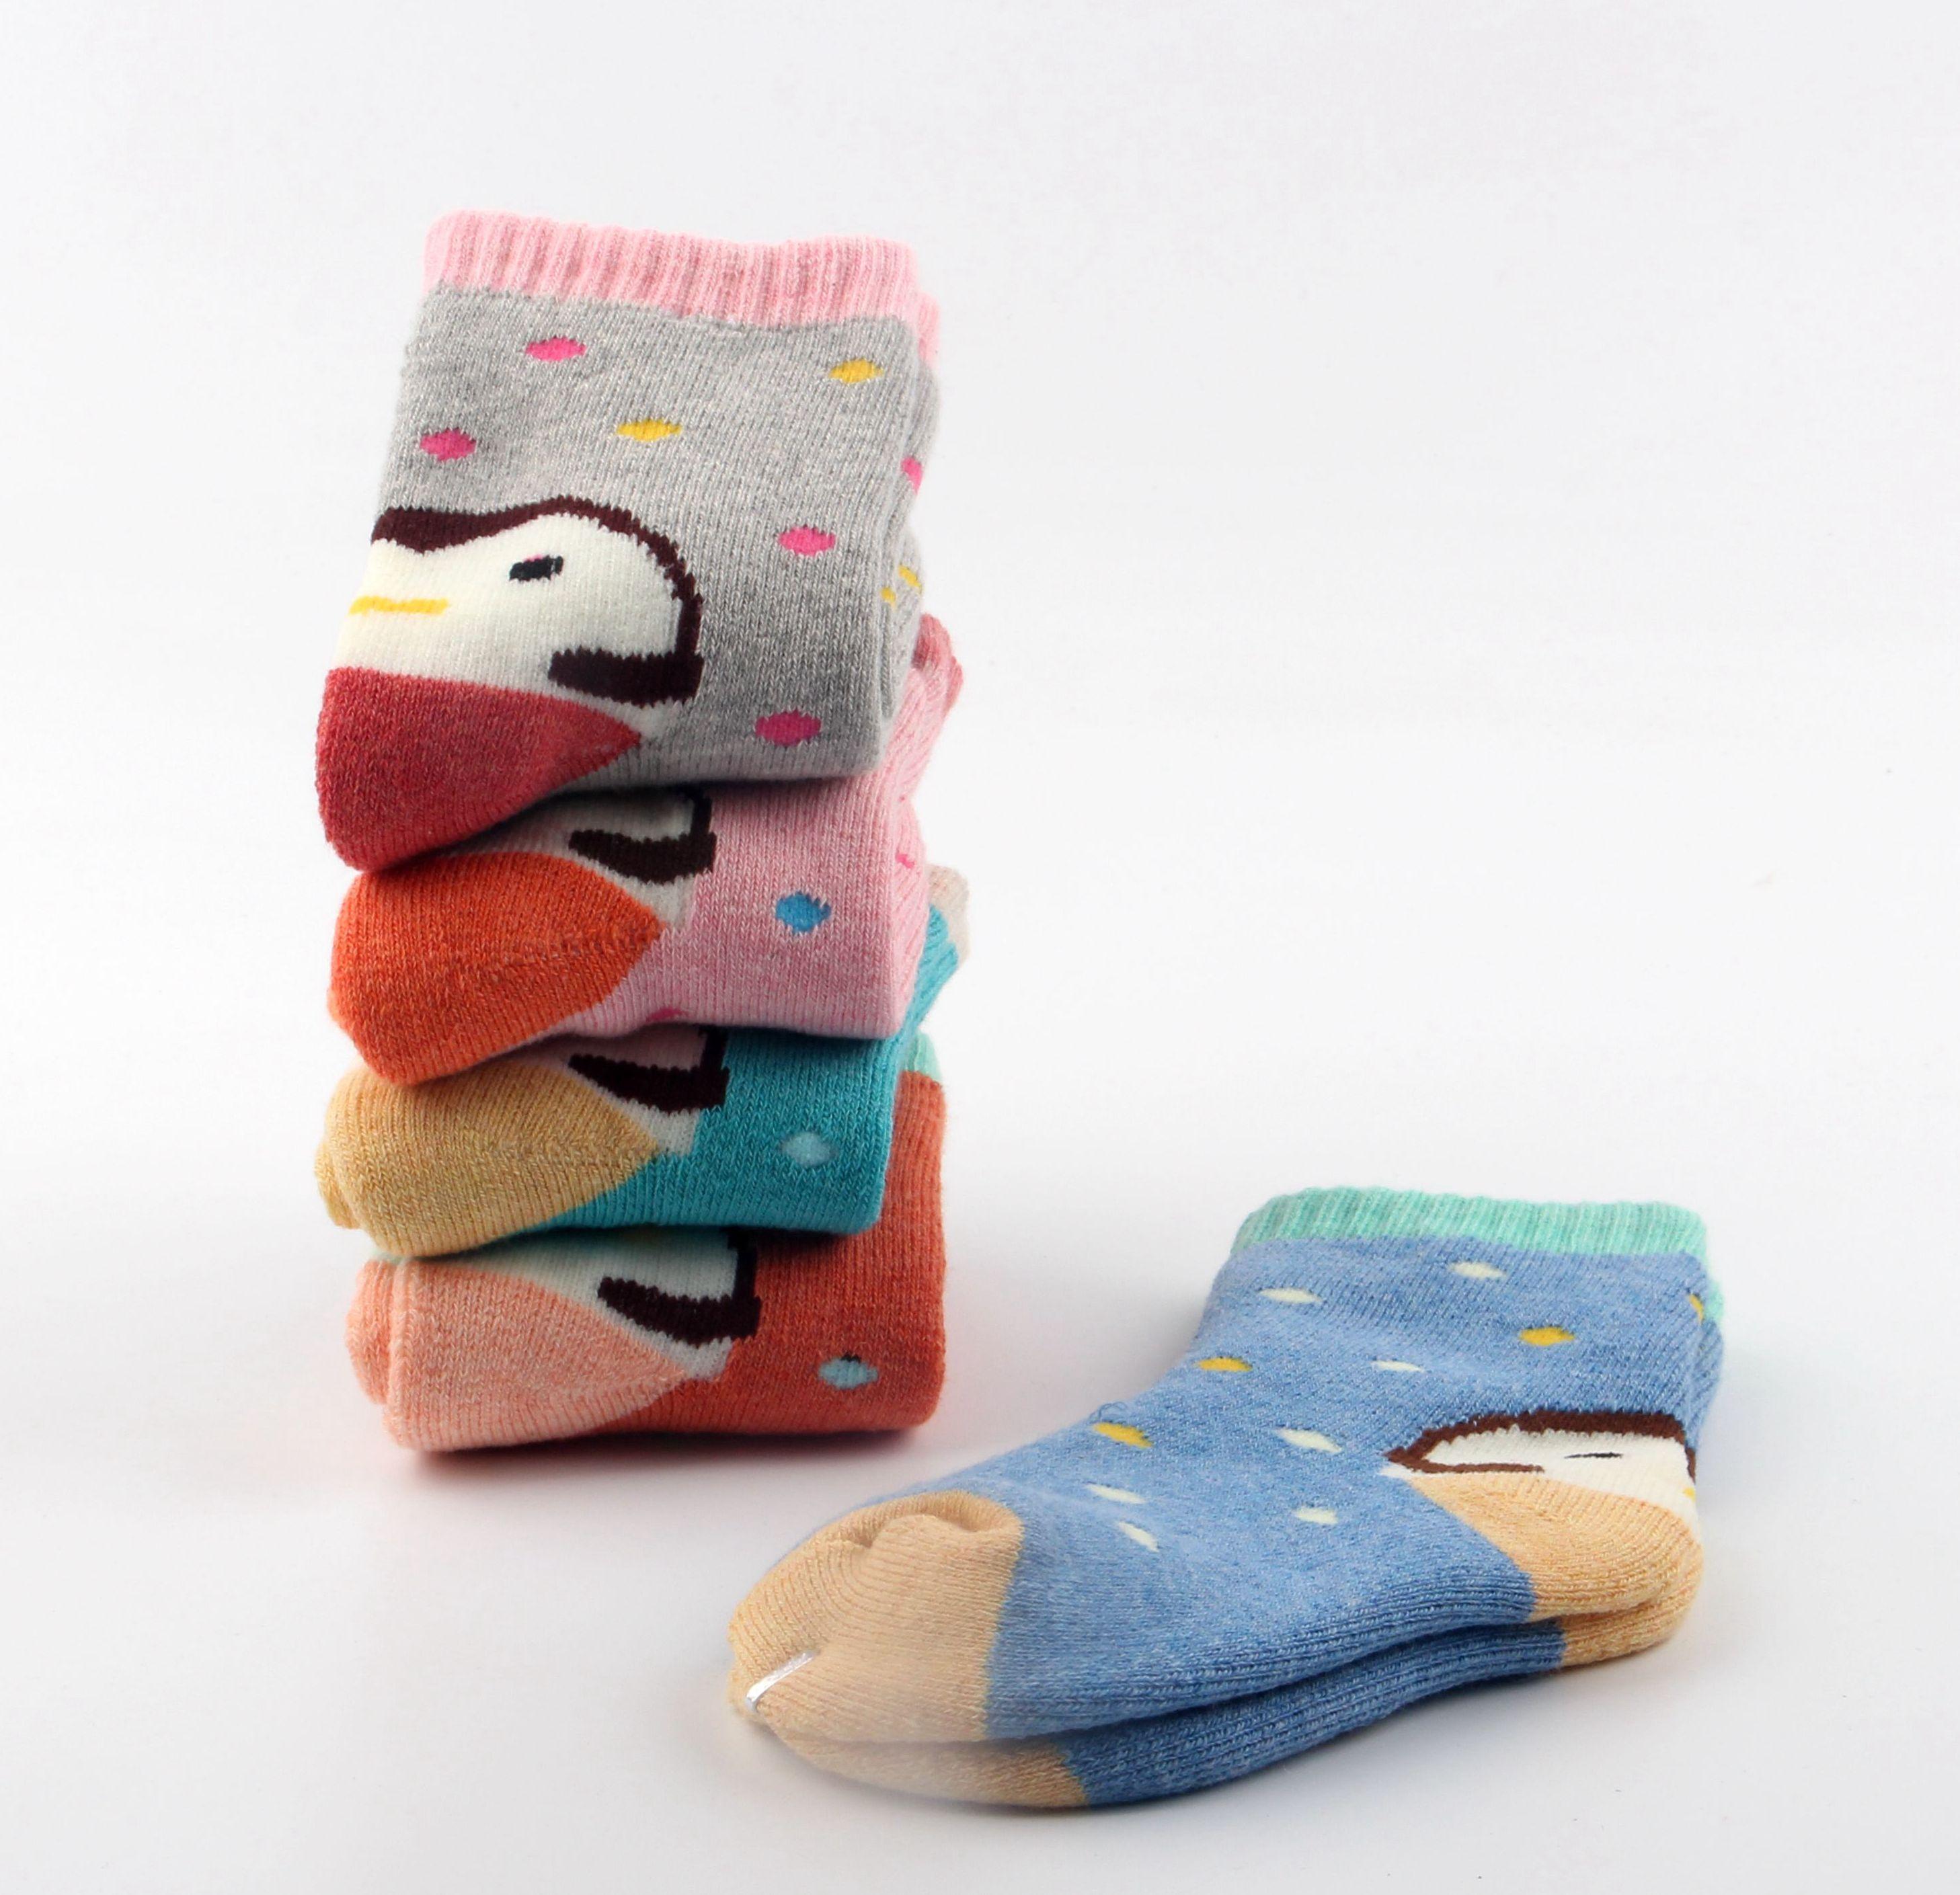 儿童袜子纯棉秋冬加厚加绒保暖毛圈袜7-9岁男孩中筒女孩3-5岁冬季